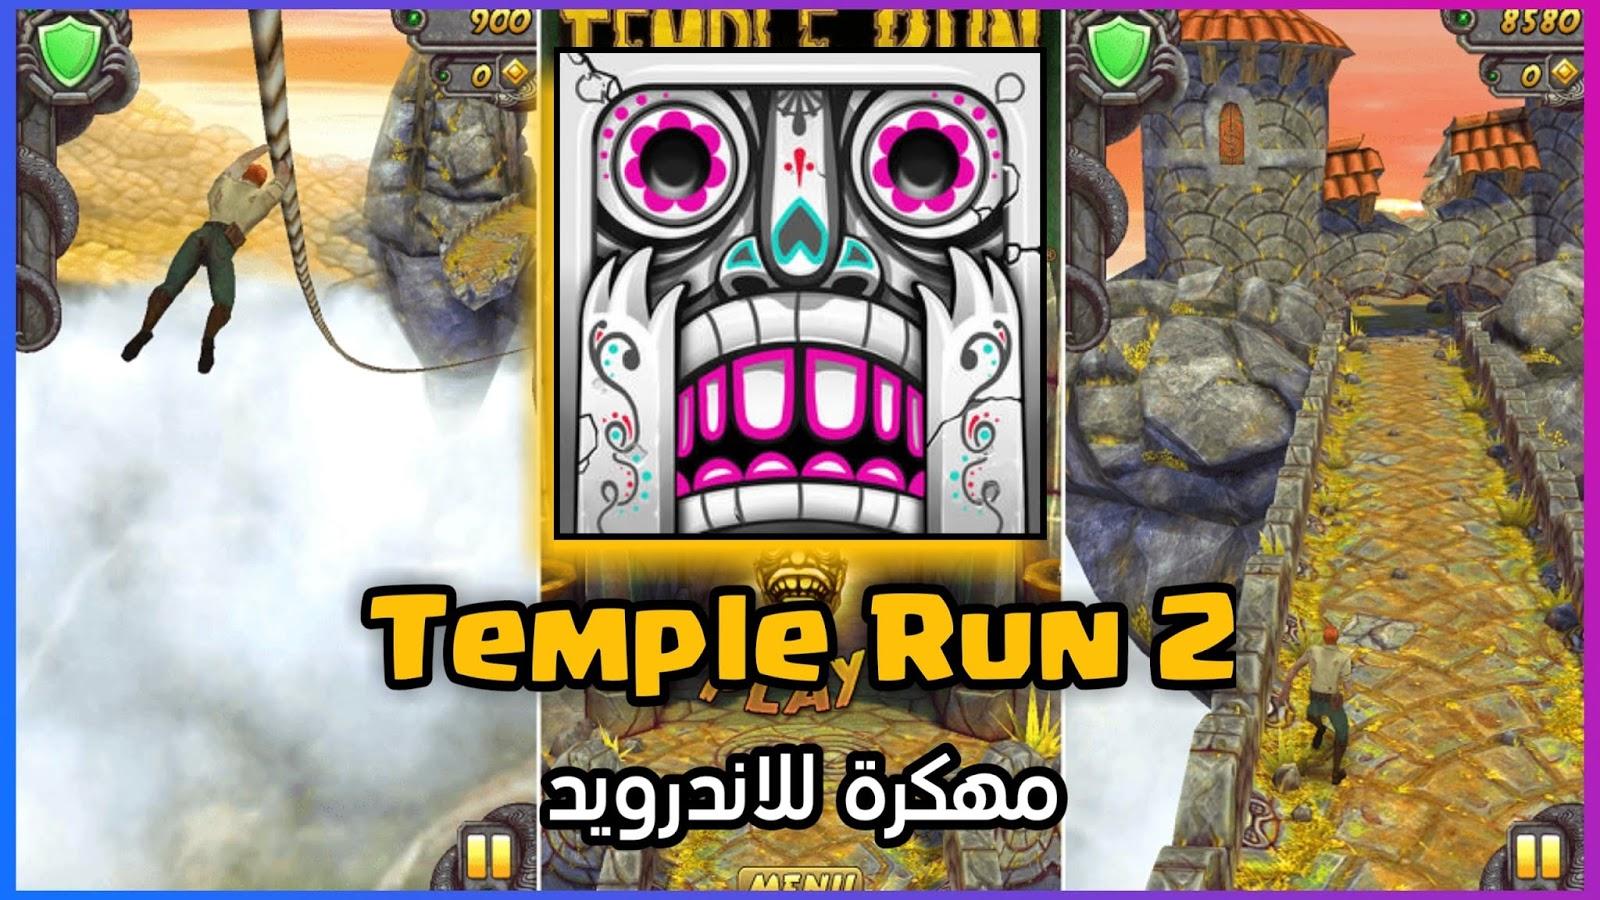 تحميل لعبة temple run 2 للاندرويد من ميديا فاير